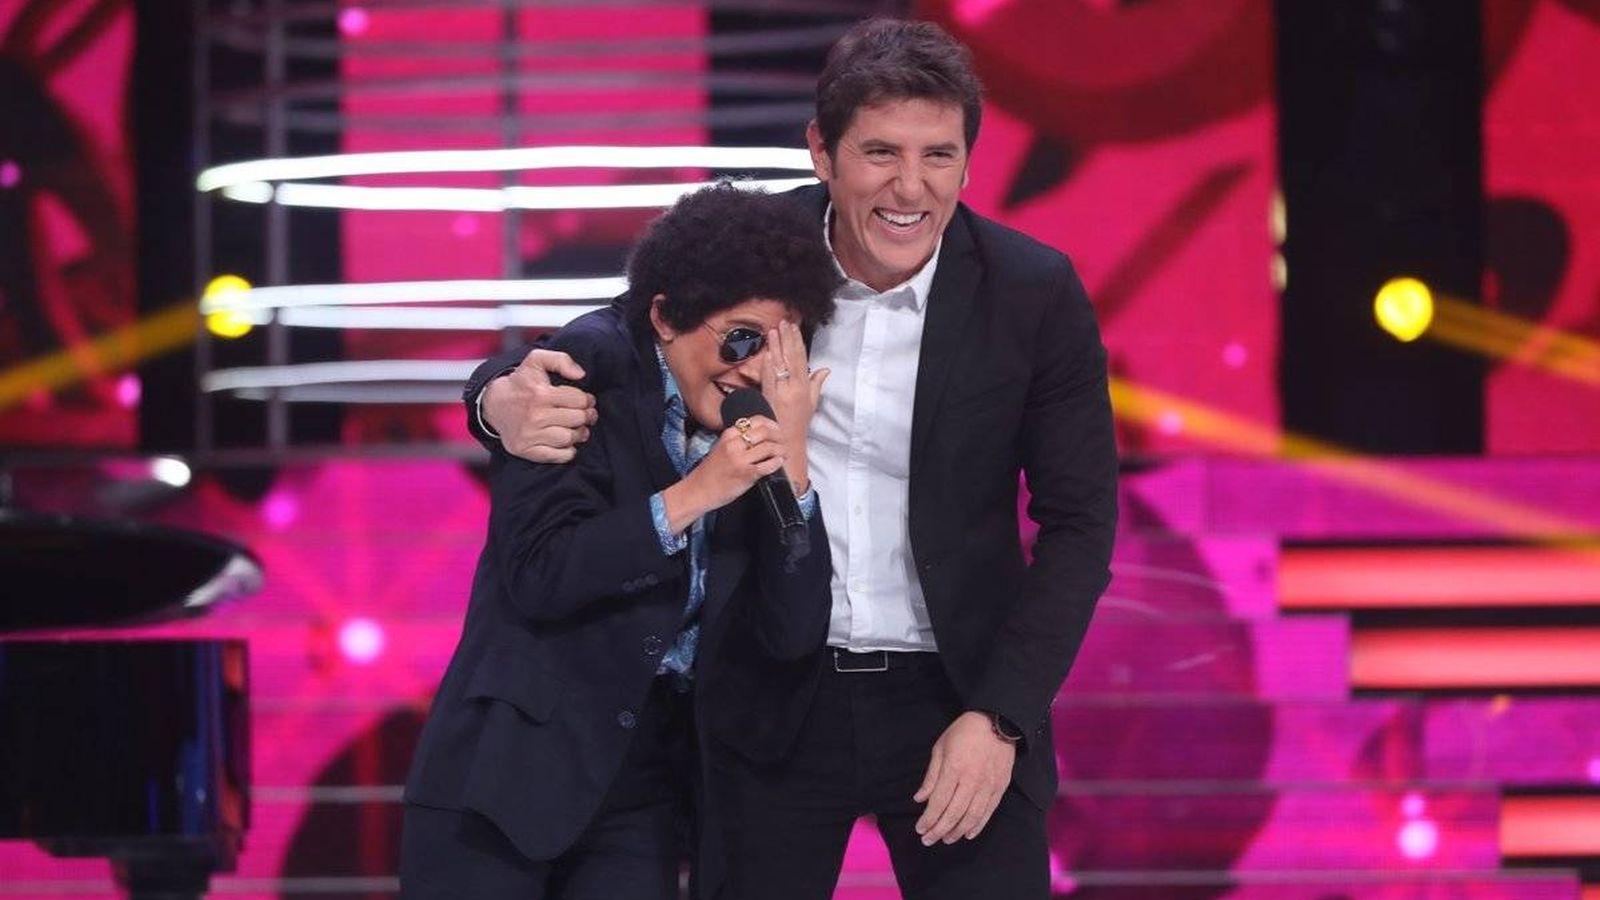 Foto: Angy triunfa con Bruno Mars en 'Tu cara no me suena todavía'. (José Irún)